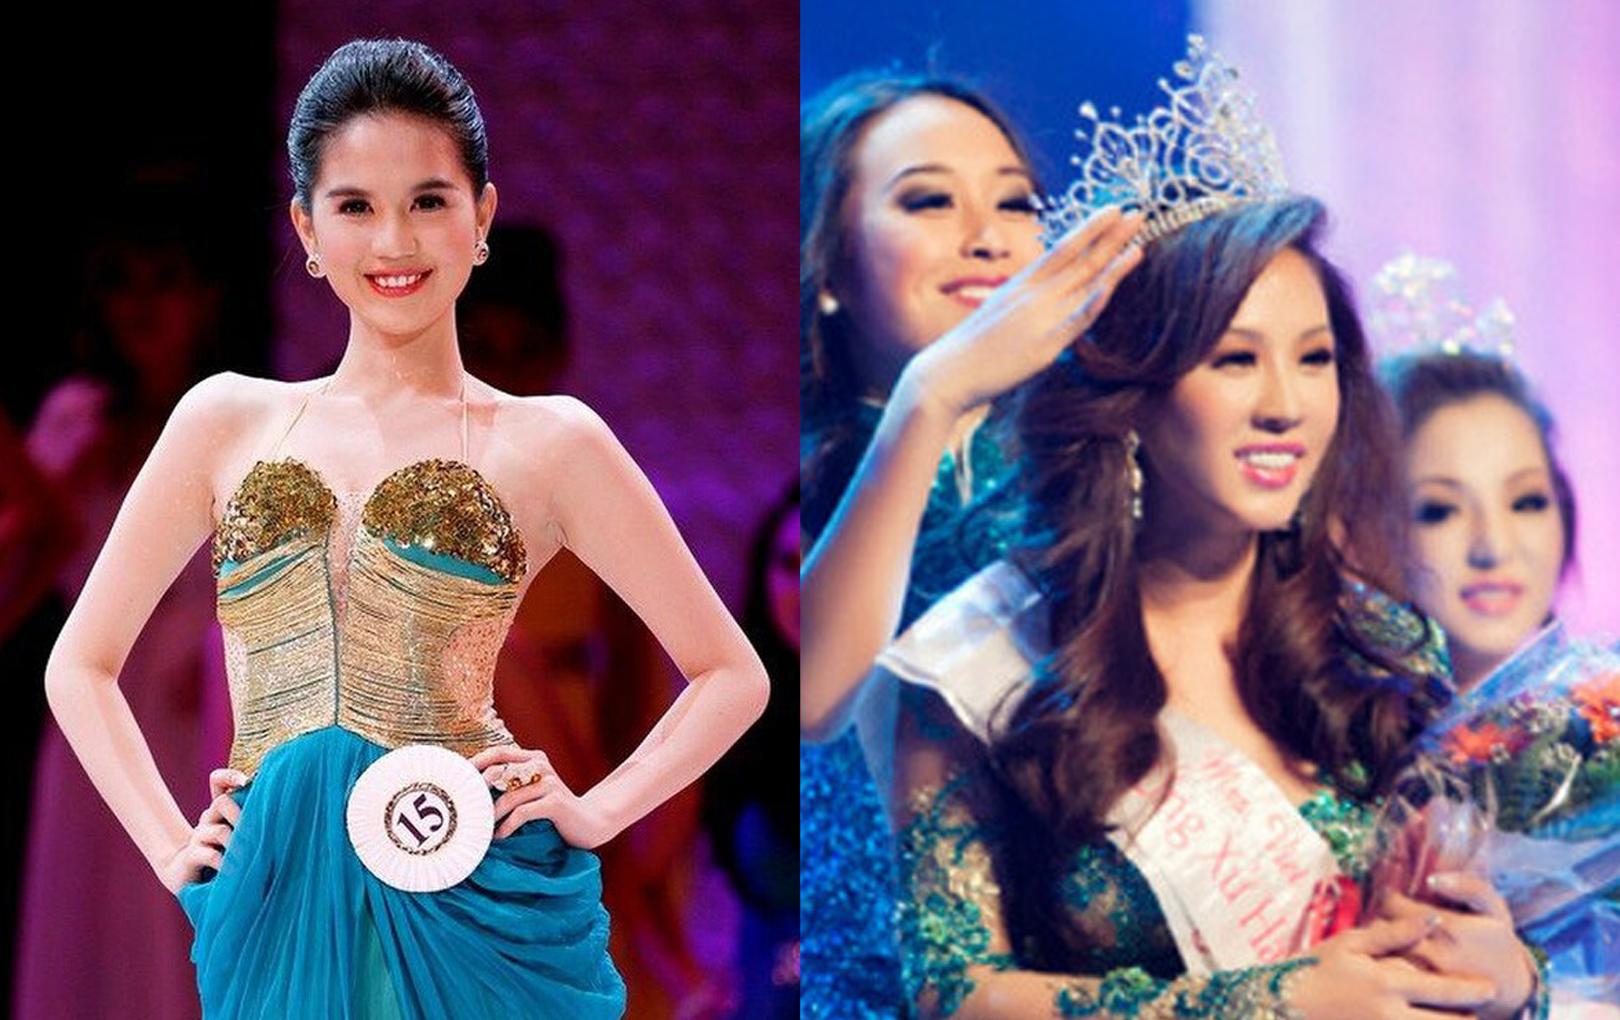 Ngọc Trinh bất ngờ bị 'đào lại' quá khứ đăng quang Hoa hậu, netizen đặt nghi vấn độ tin cậy vì 1 chi tiết giống với Thu Hoài